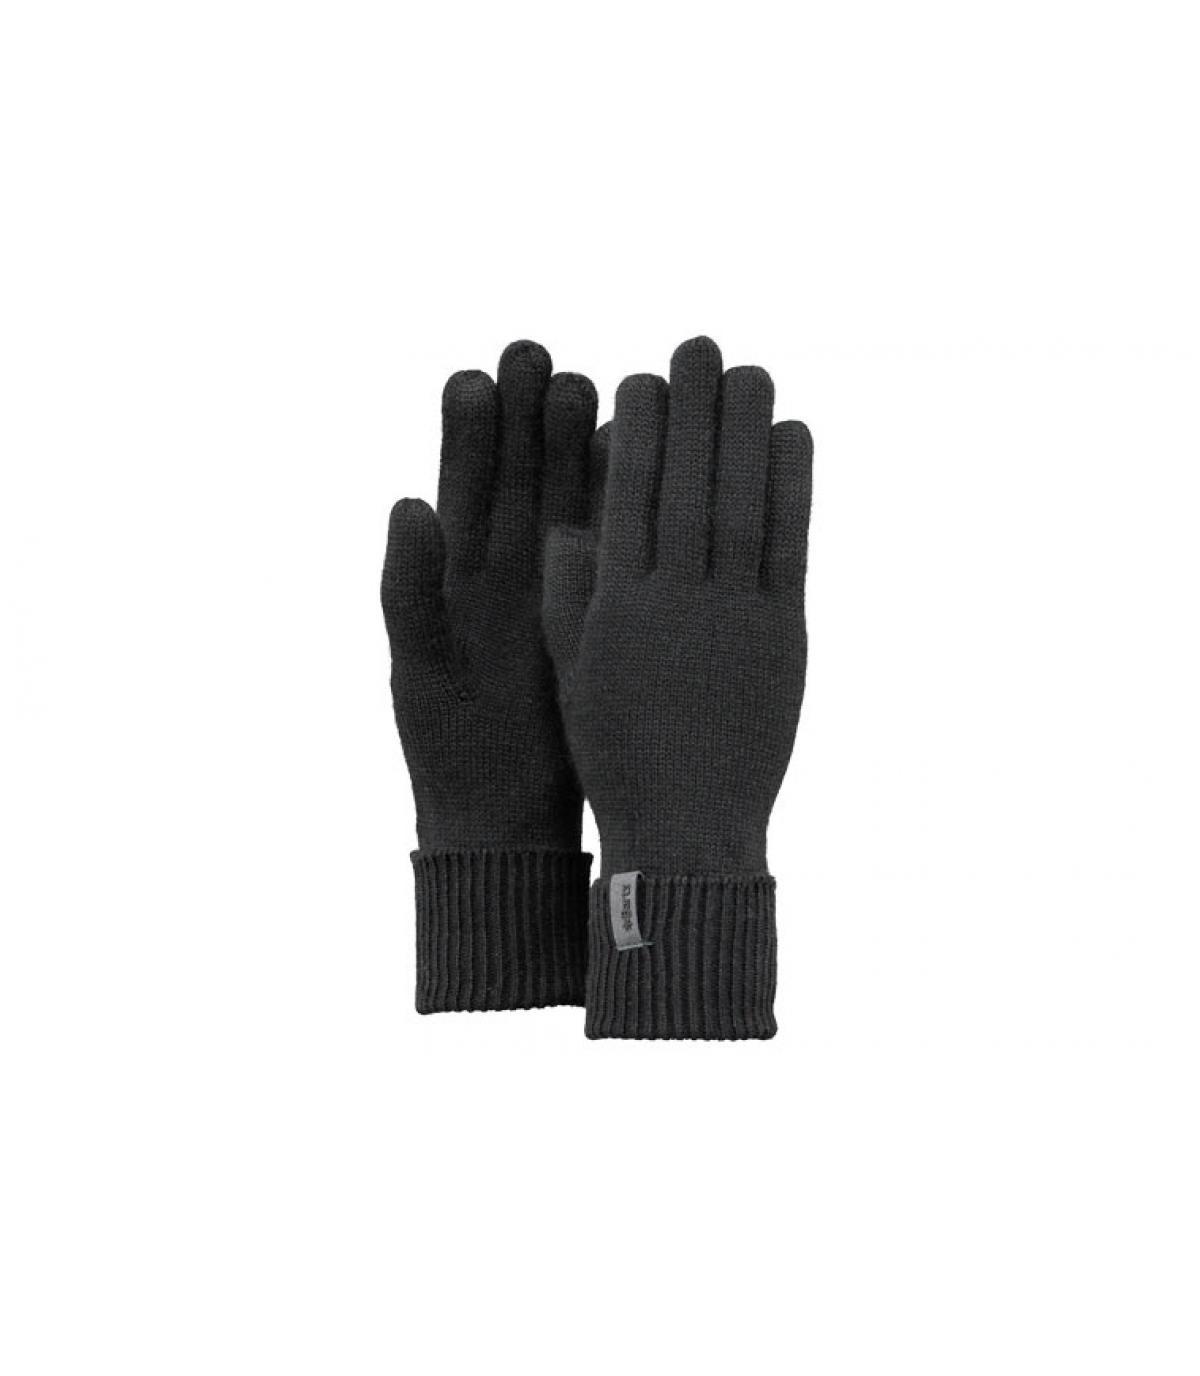 Détails Fine Knitted Gloves black - image 3